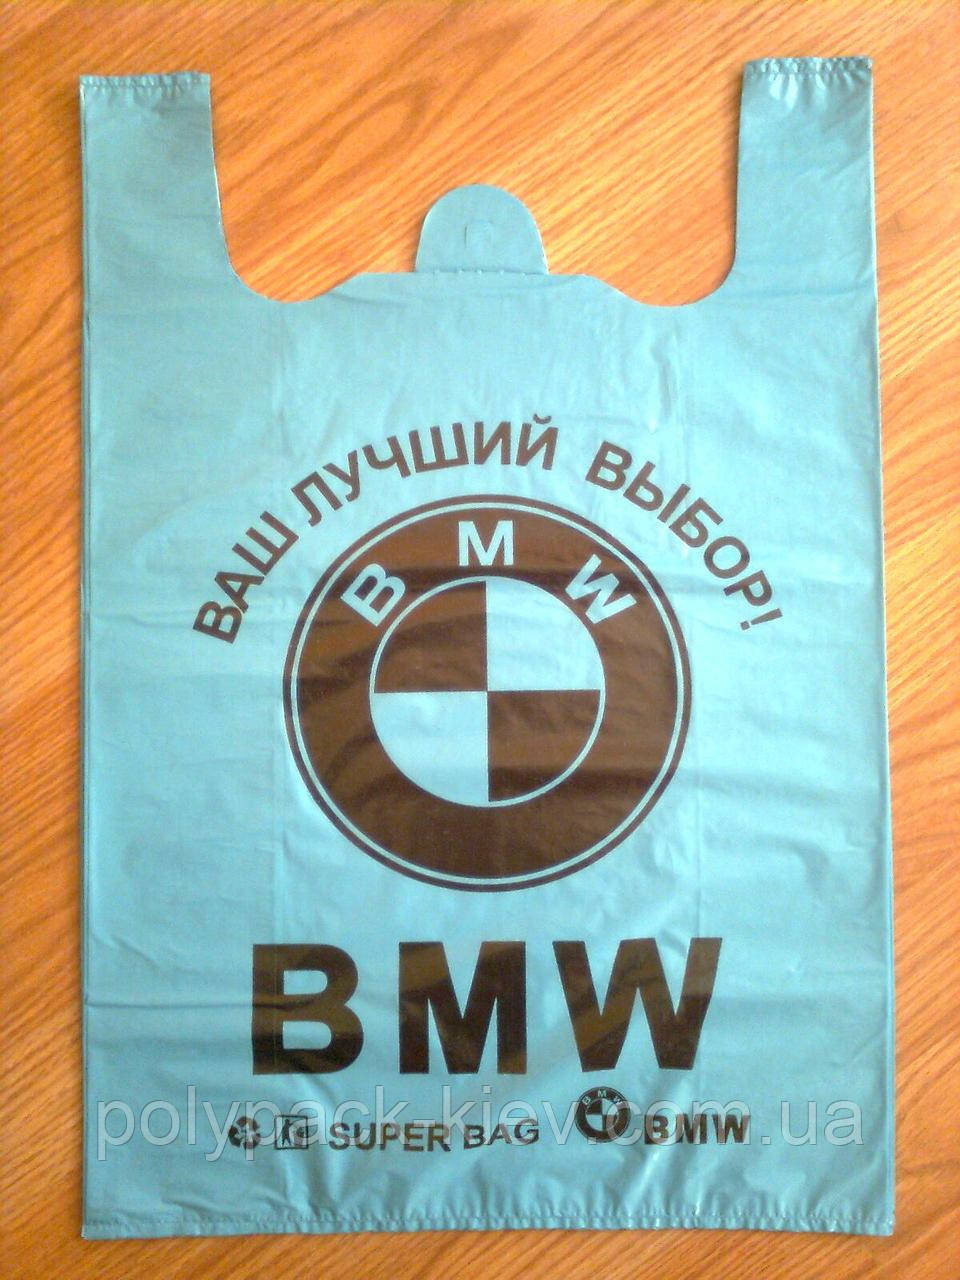 Пакет майка BMW 38*57 см, купить полиэтиленовые кульки, пакеты БМВ со склада, производство Киев